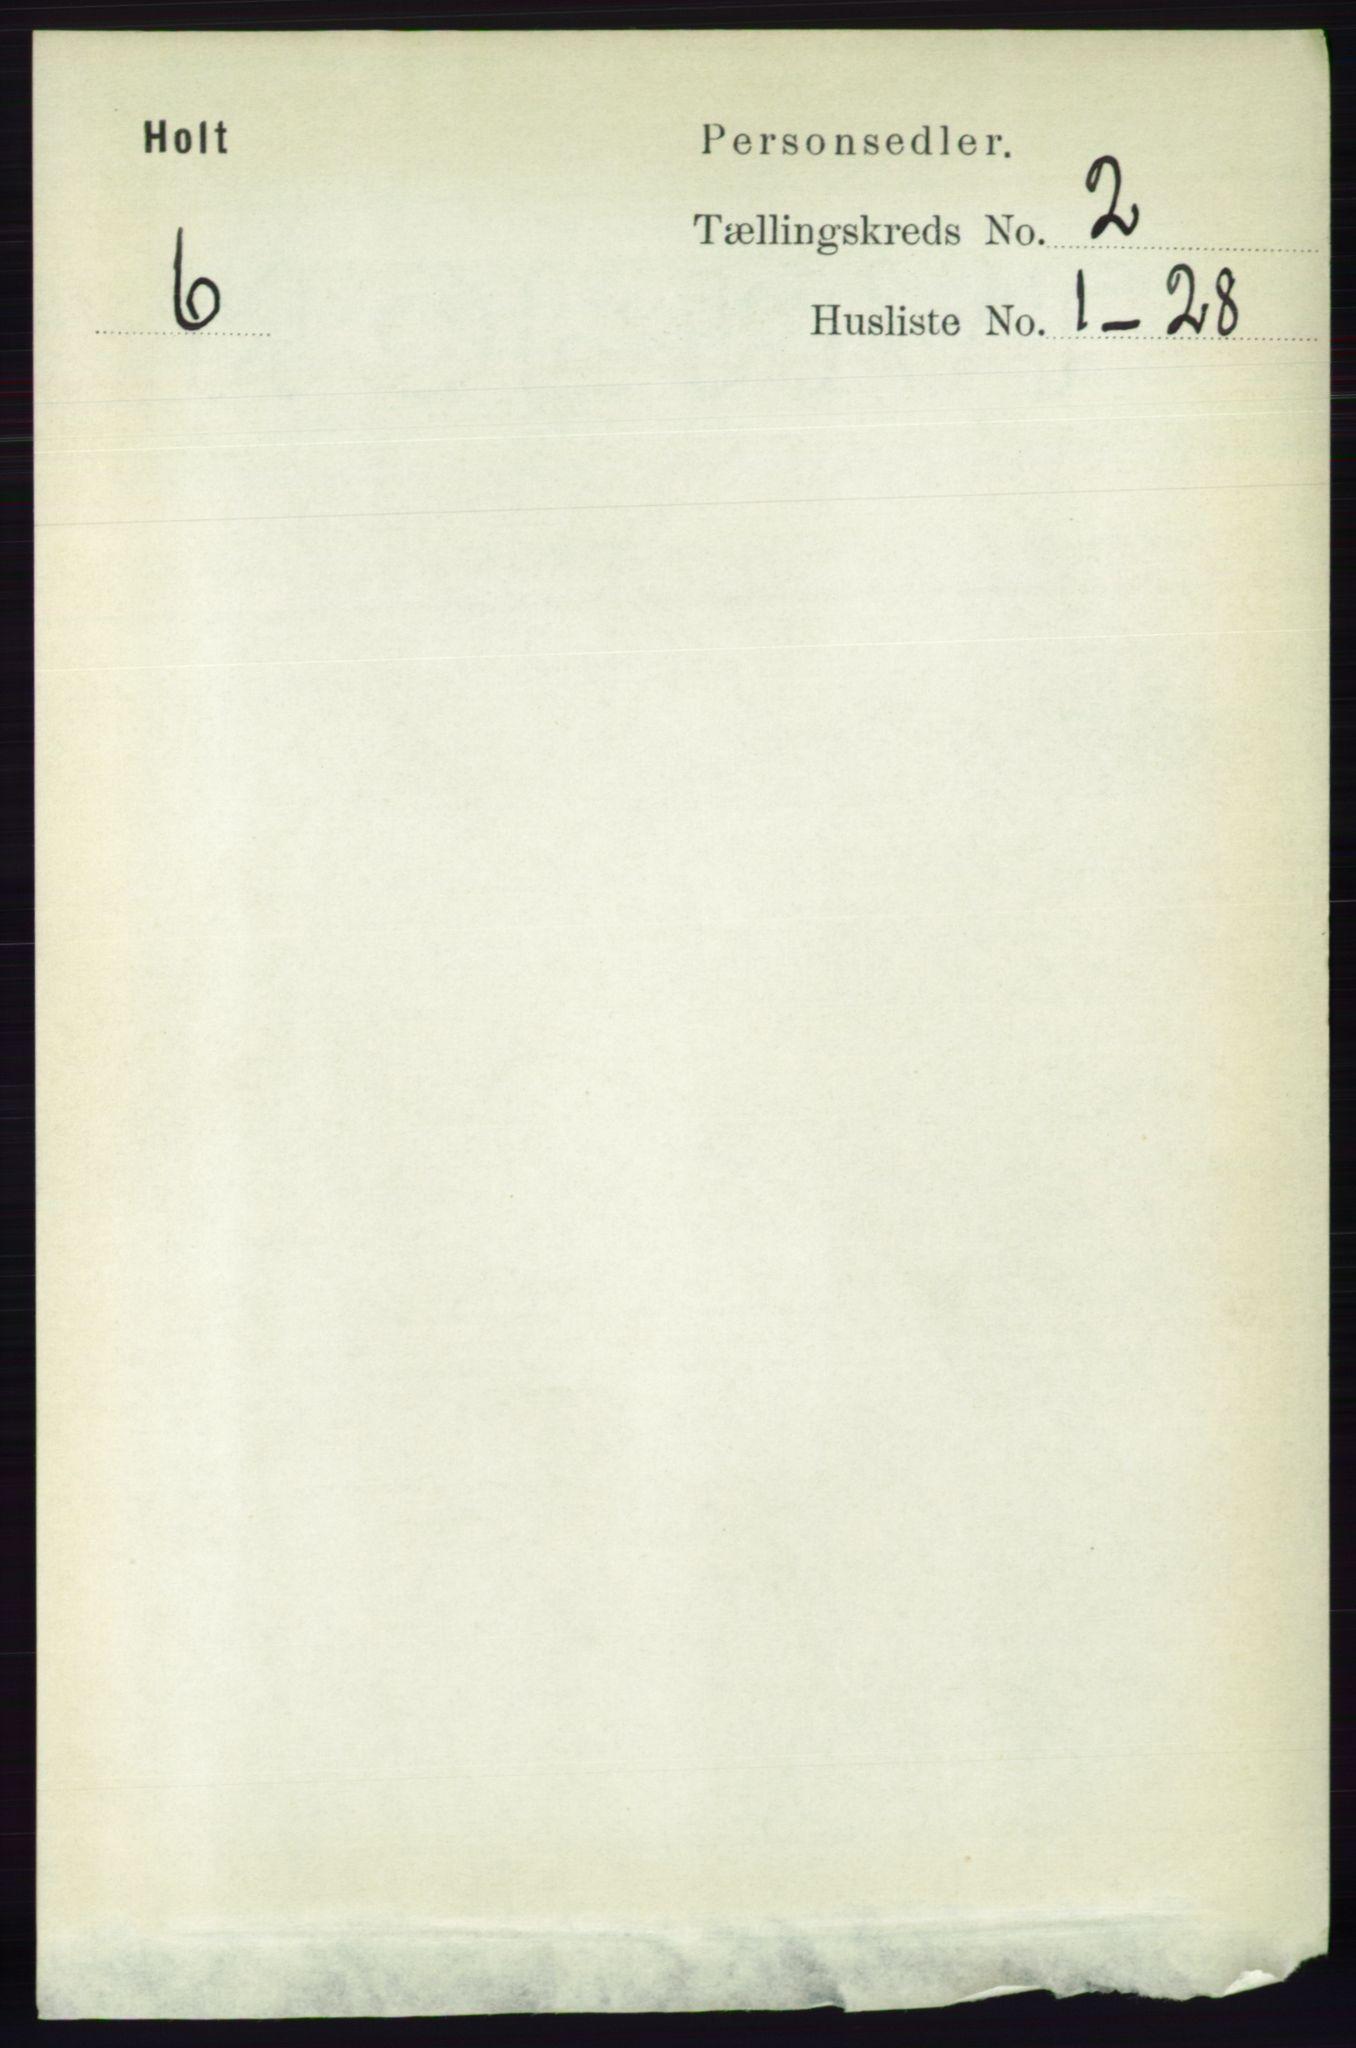 RA, Folketelling 1891 for 0914 Holt herred, 1891, s. 667